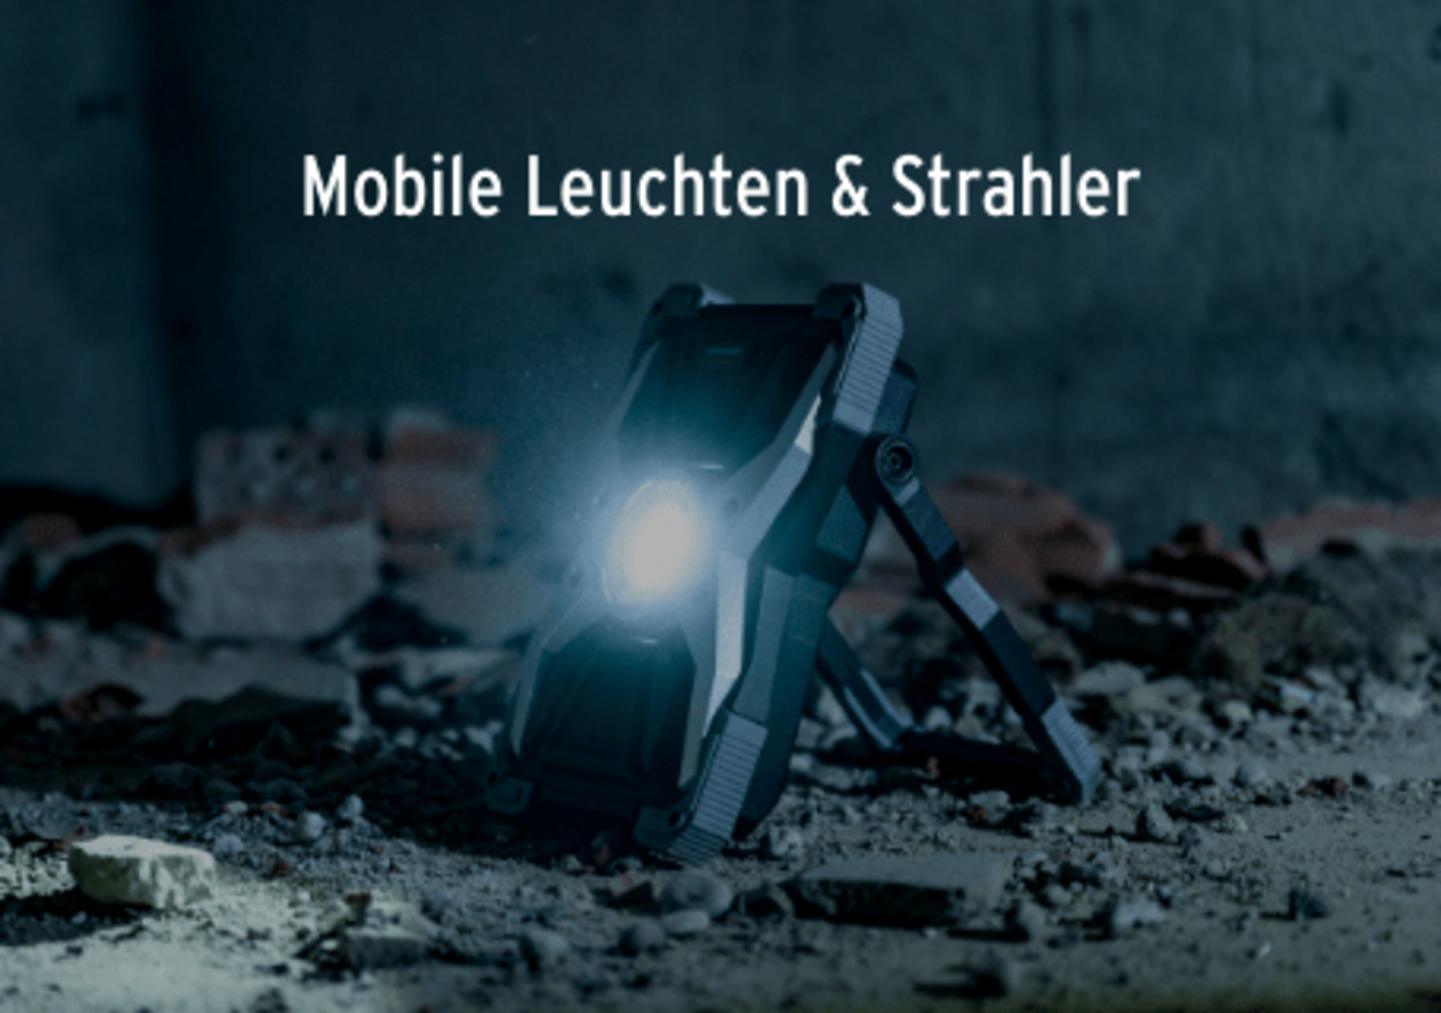 Mobile Leuchten & Strahler